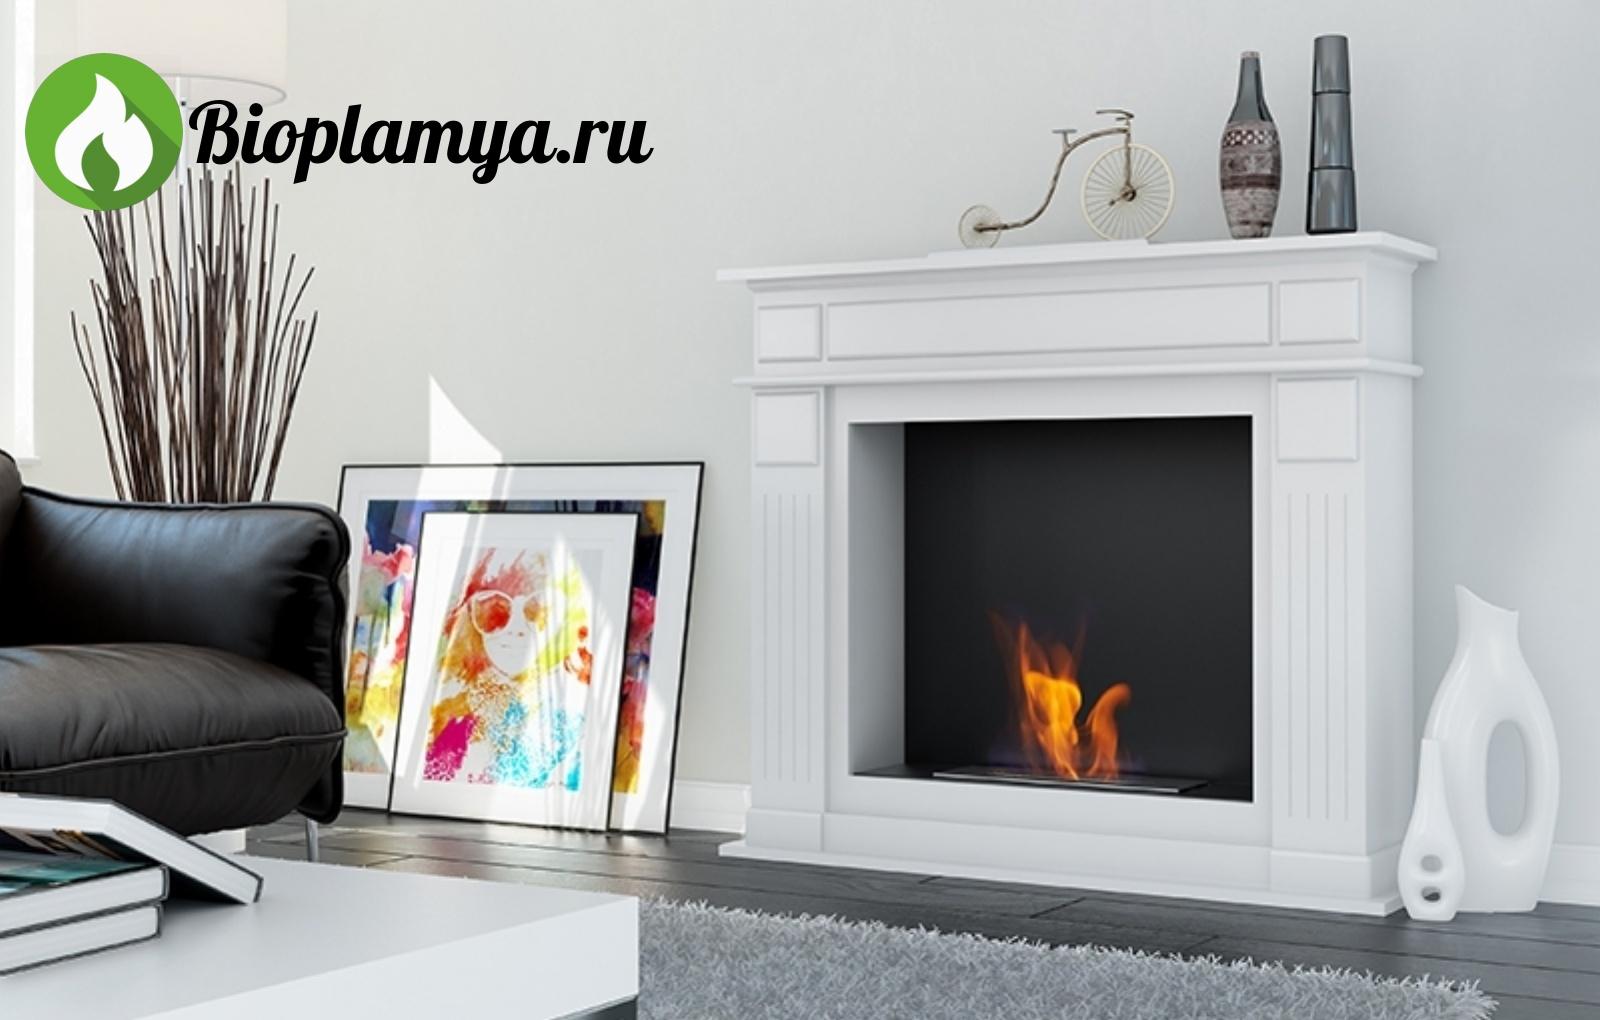 напольный-биокамин-в-портале-МАРГАРИТА-bioplamya-Firebird-в-интерьере-2.jpg